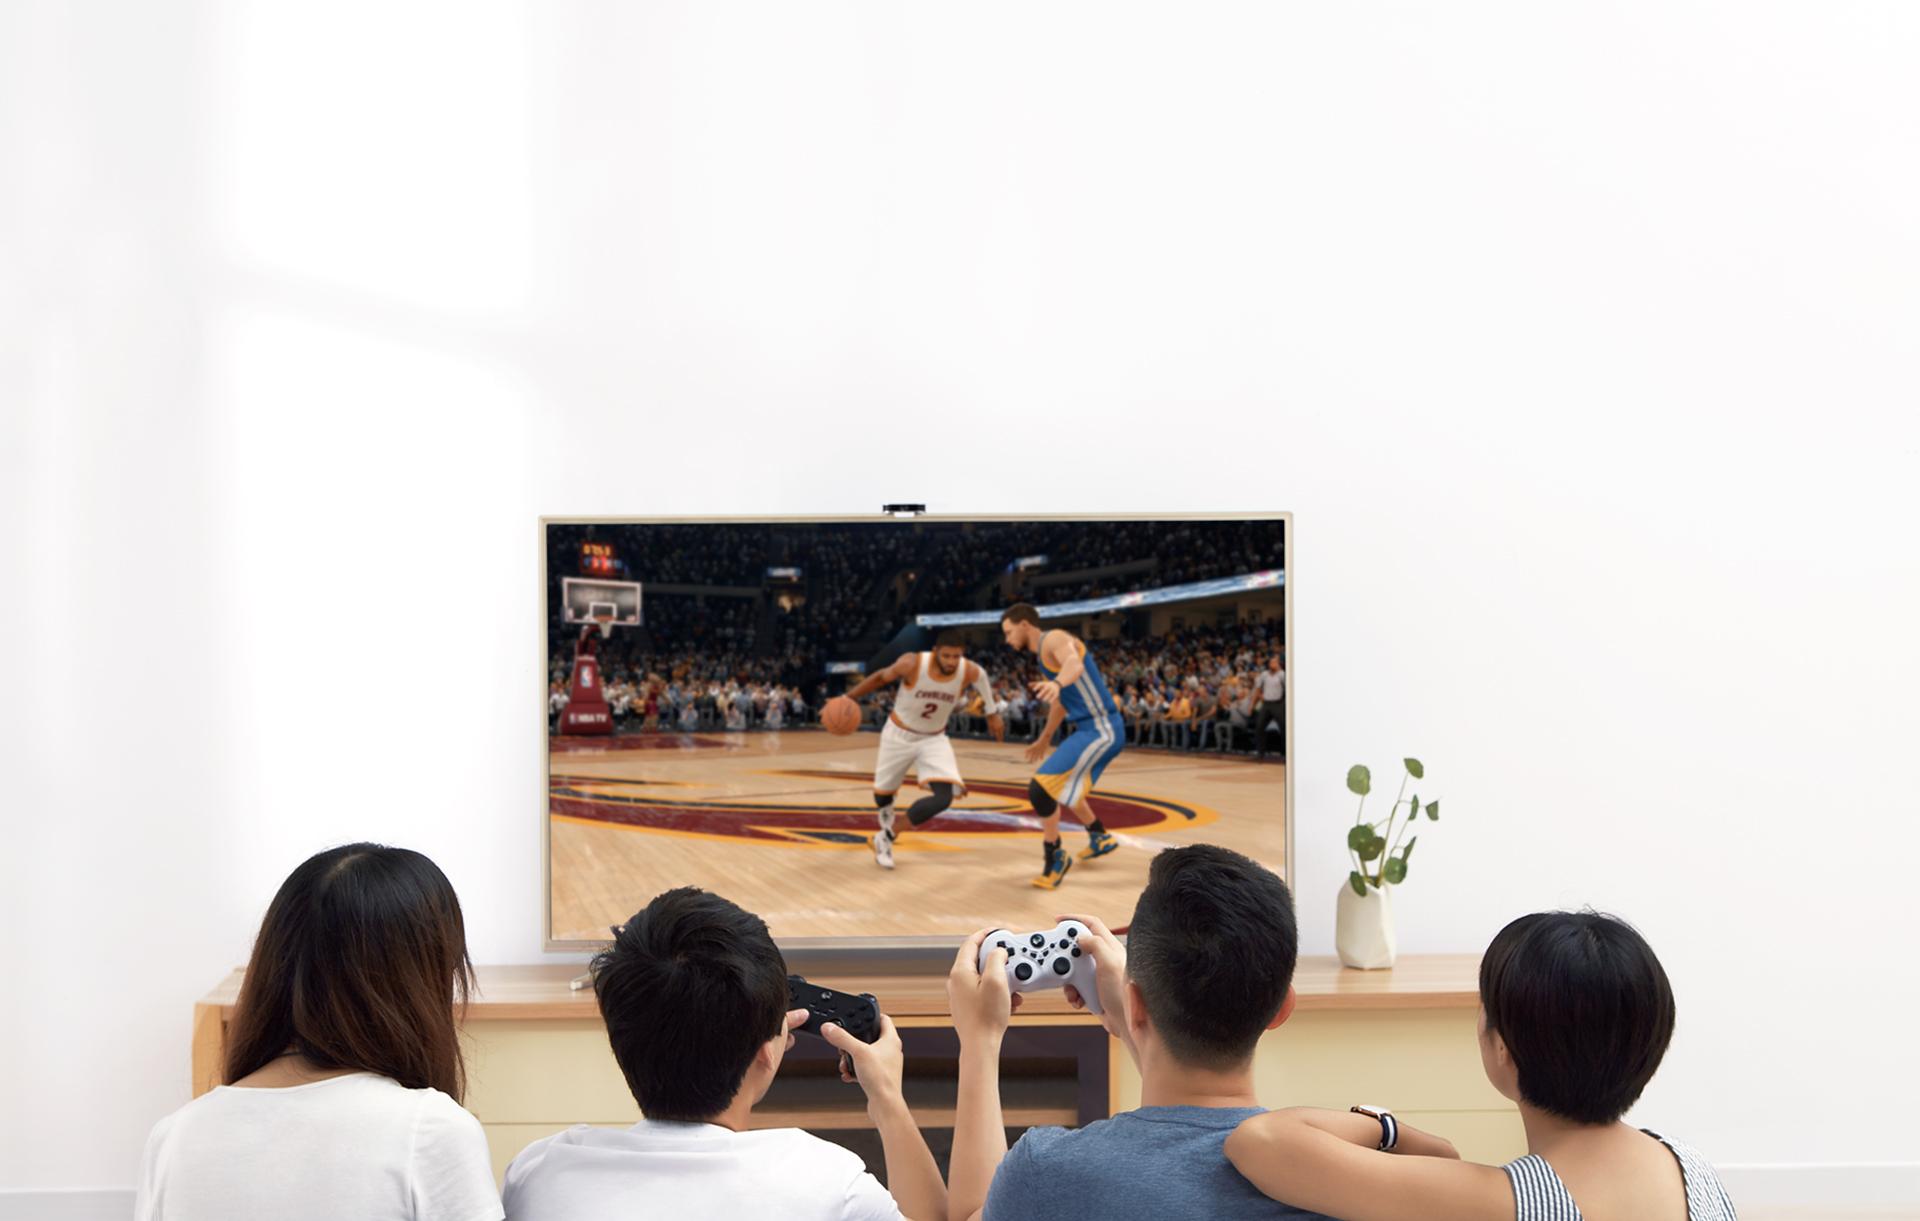 闪电侠二代性能-酷开65U2游戏电视概述